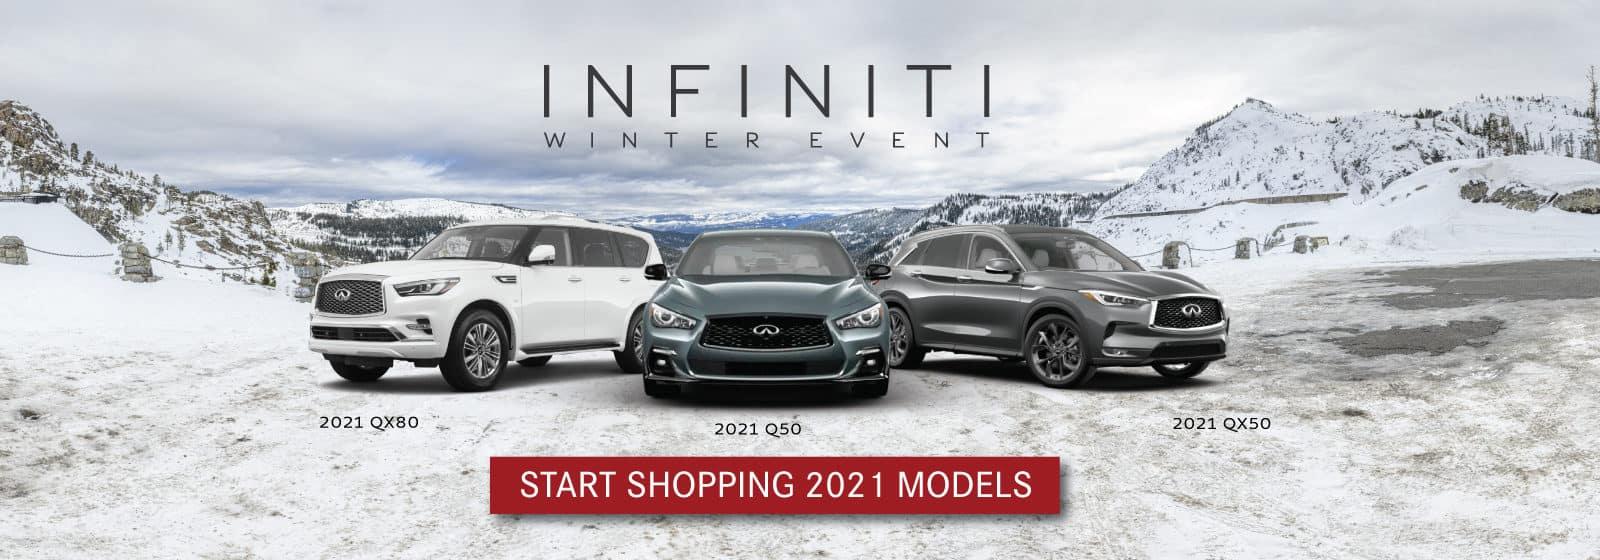 infiniti-2021-